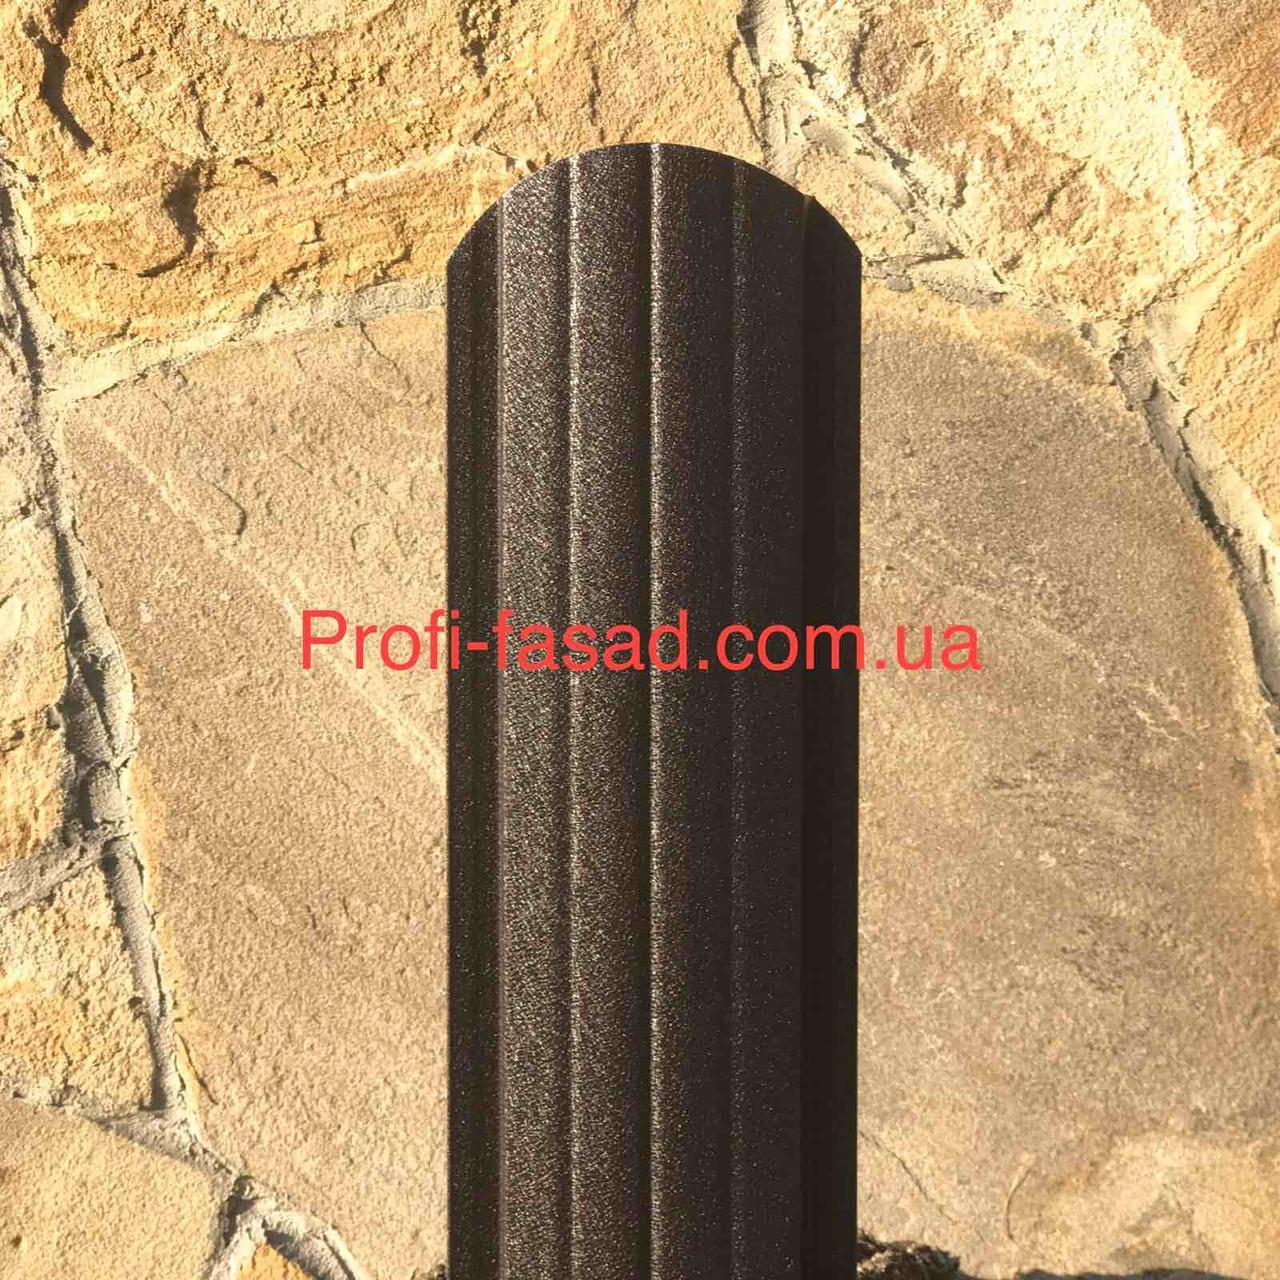 Штакетник матовый 2х ст. 8019 105мм 115мм евроштакетник штакет